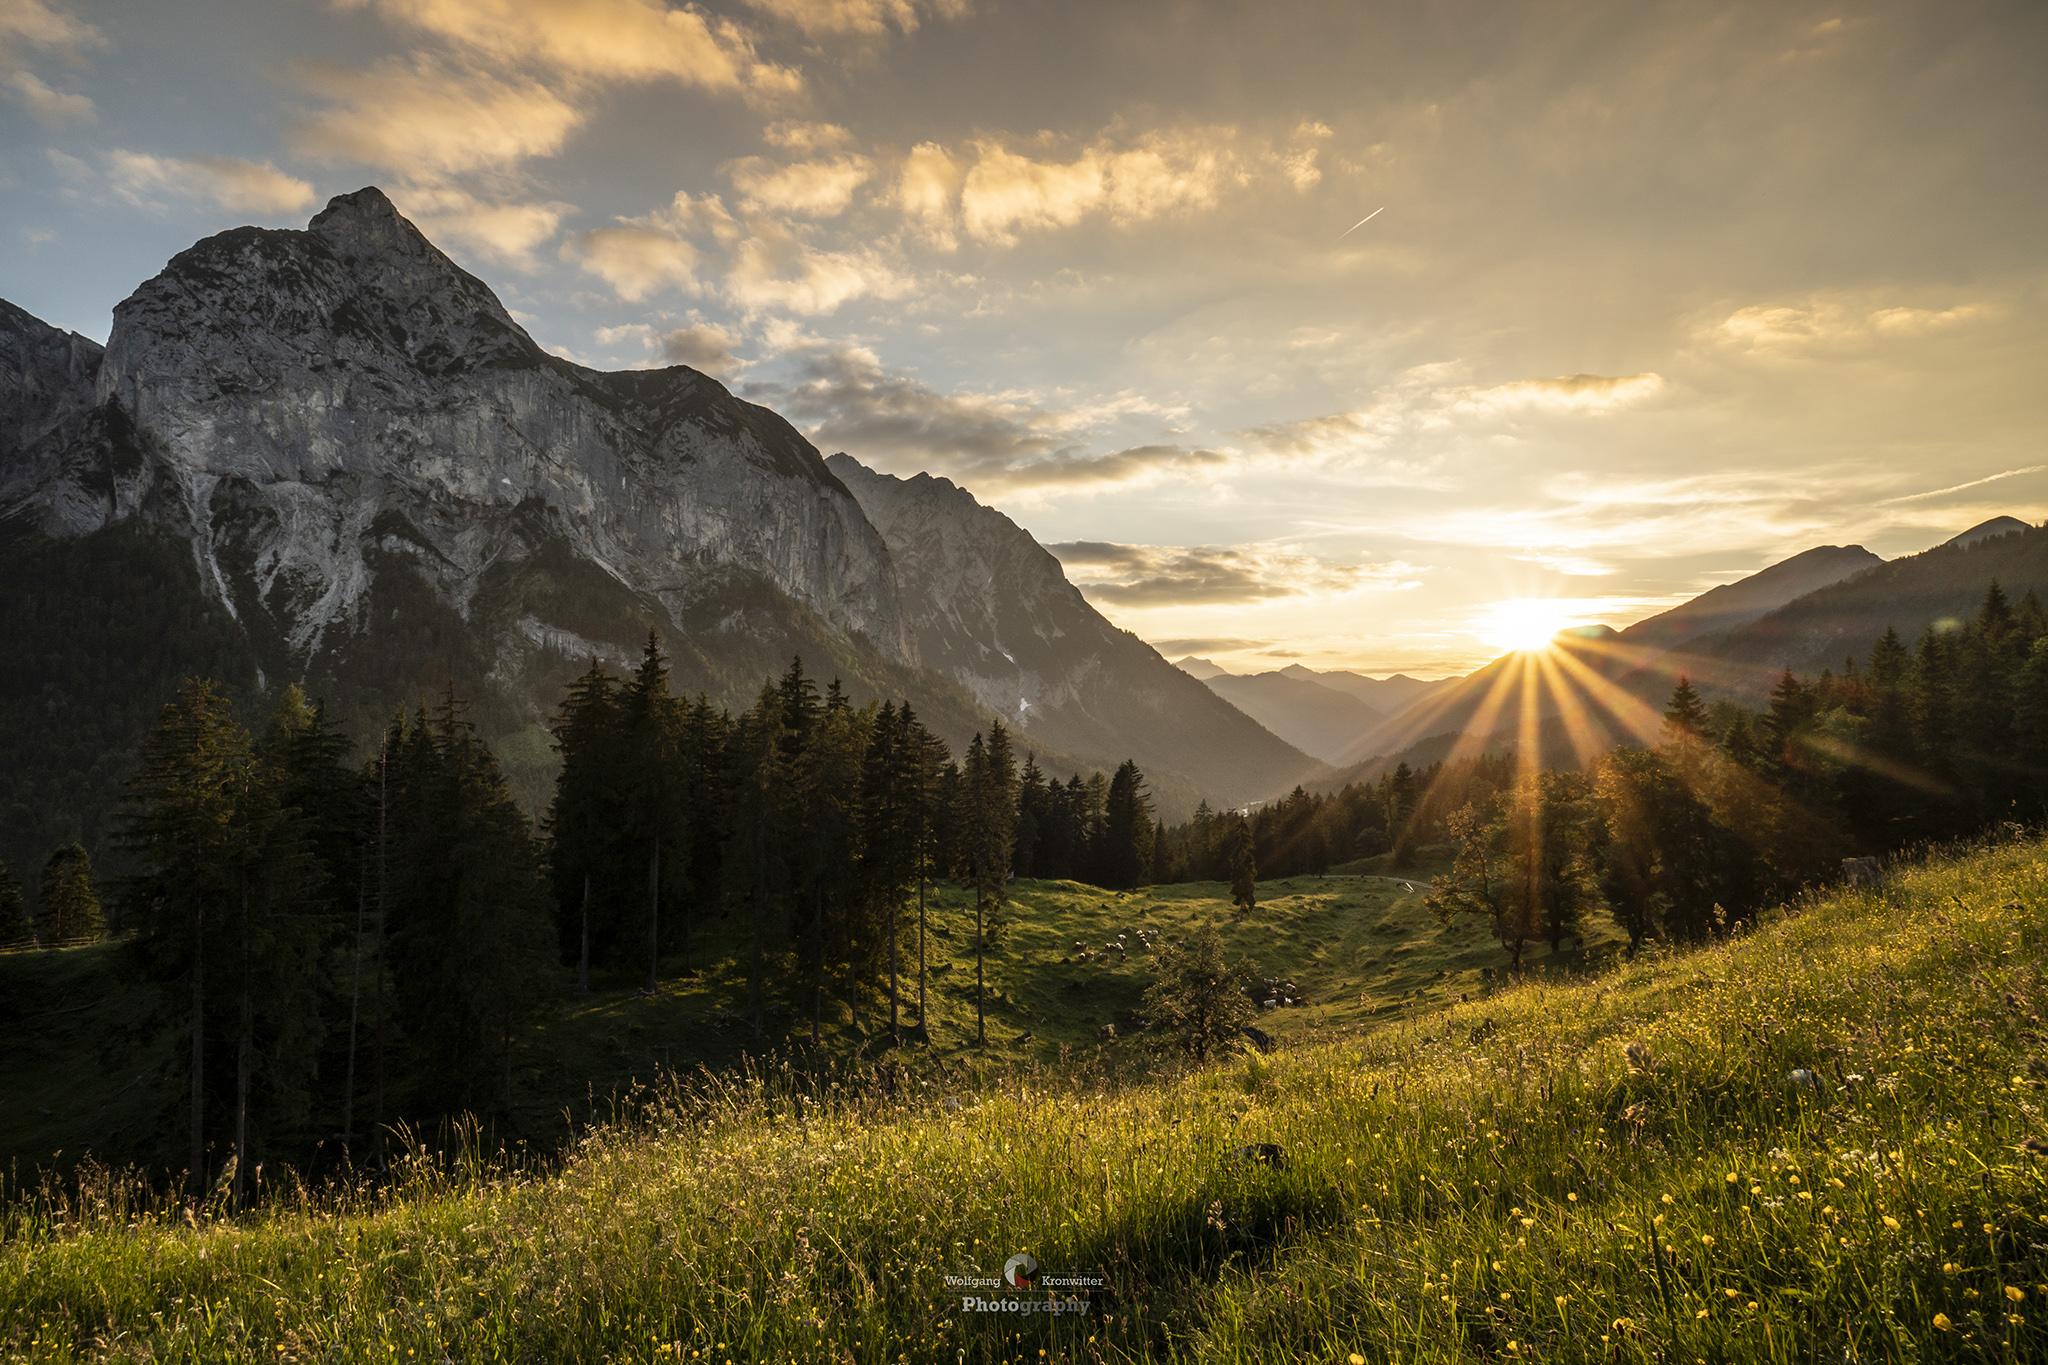 Rissbach Valley in the Karwendel Mountains, Austria